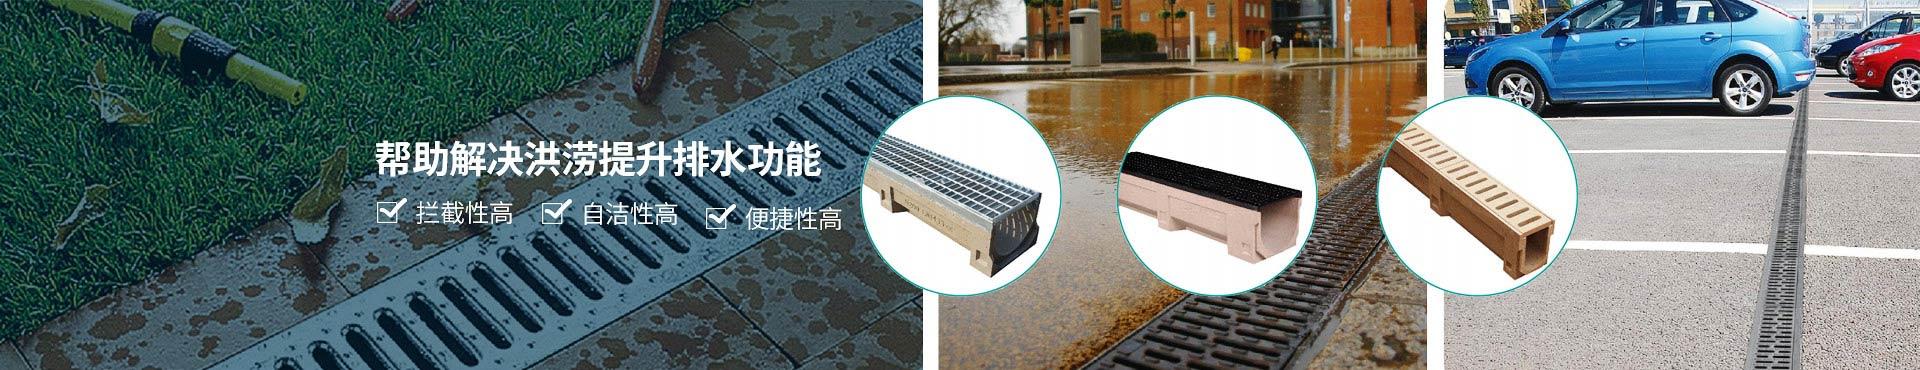 圆祐成品排水系统帮助解决洪涝提升排水功能